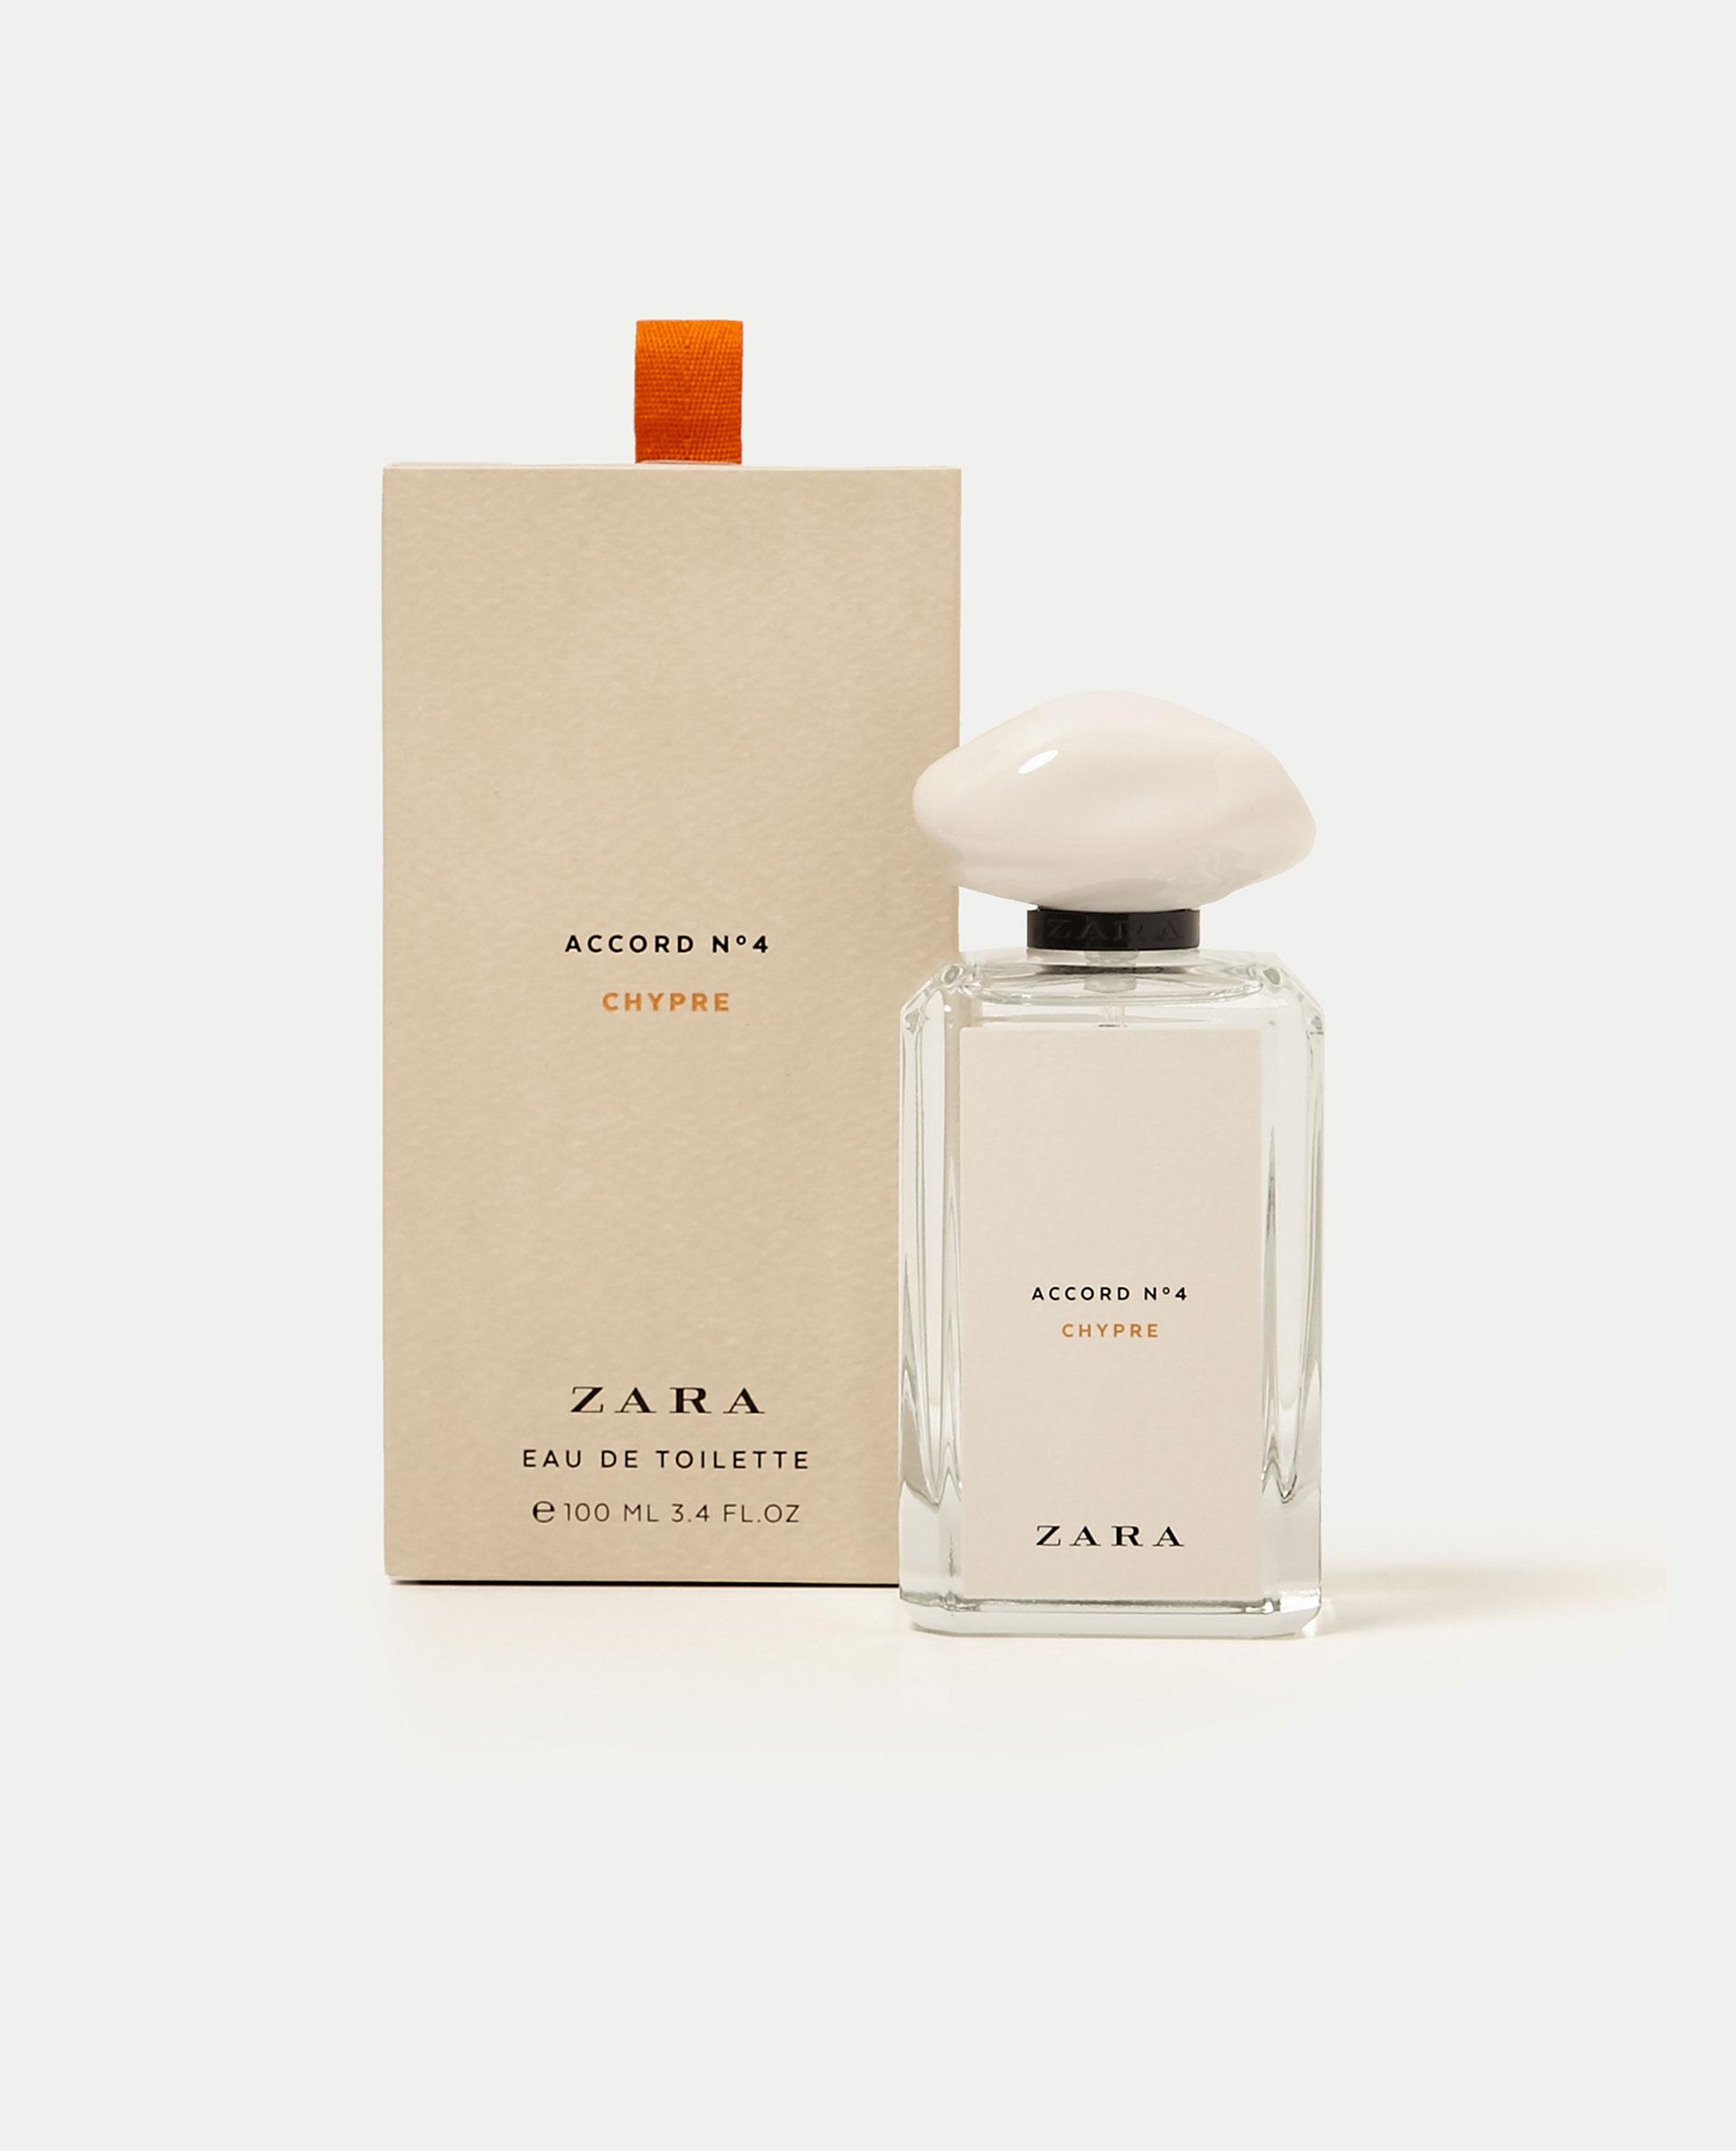 Accord No 4 Chypre Zara Parfum Un Nouveau Parfum Pour Femme 2017